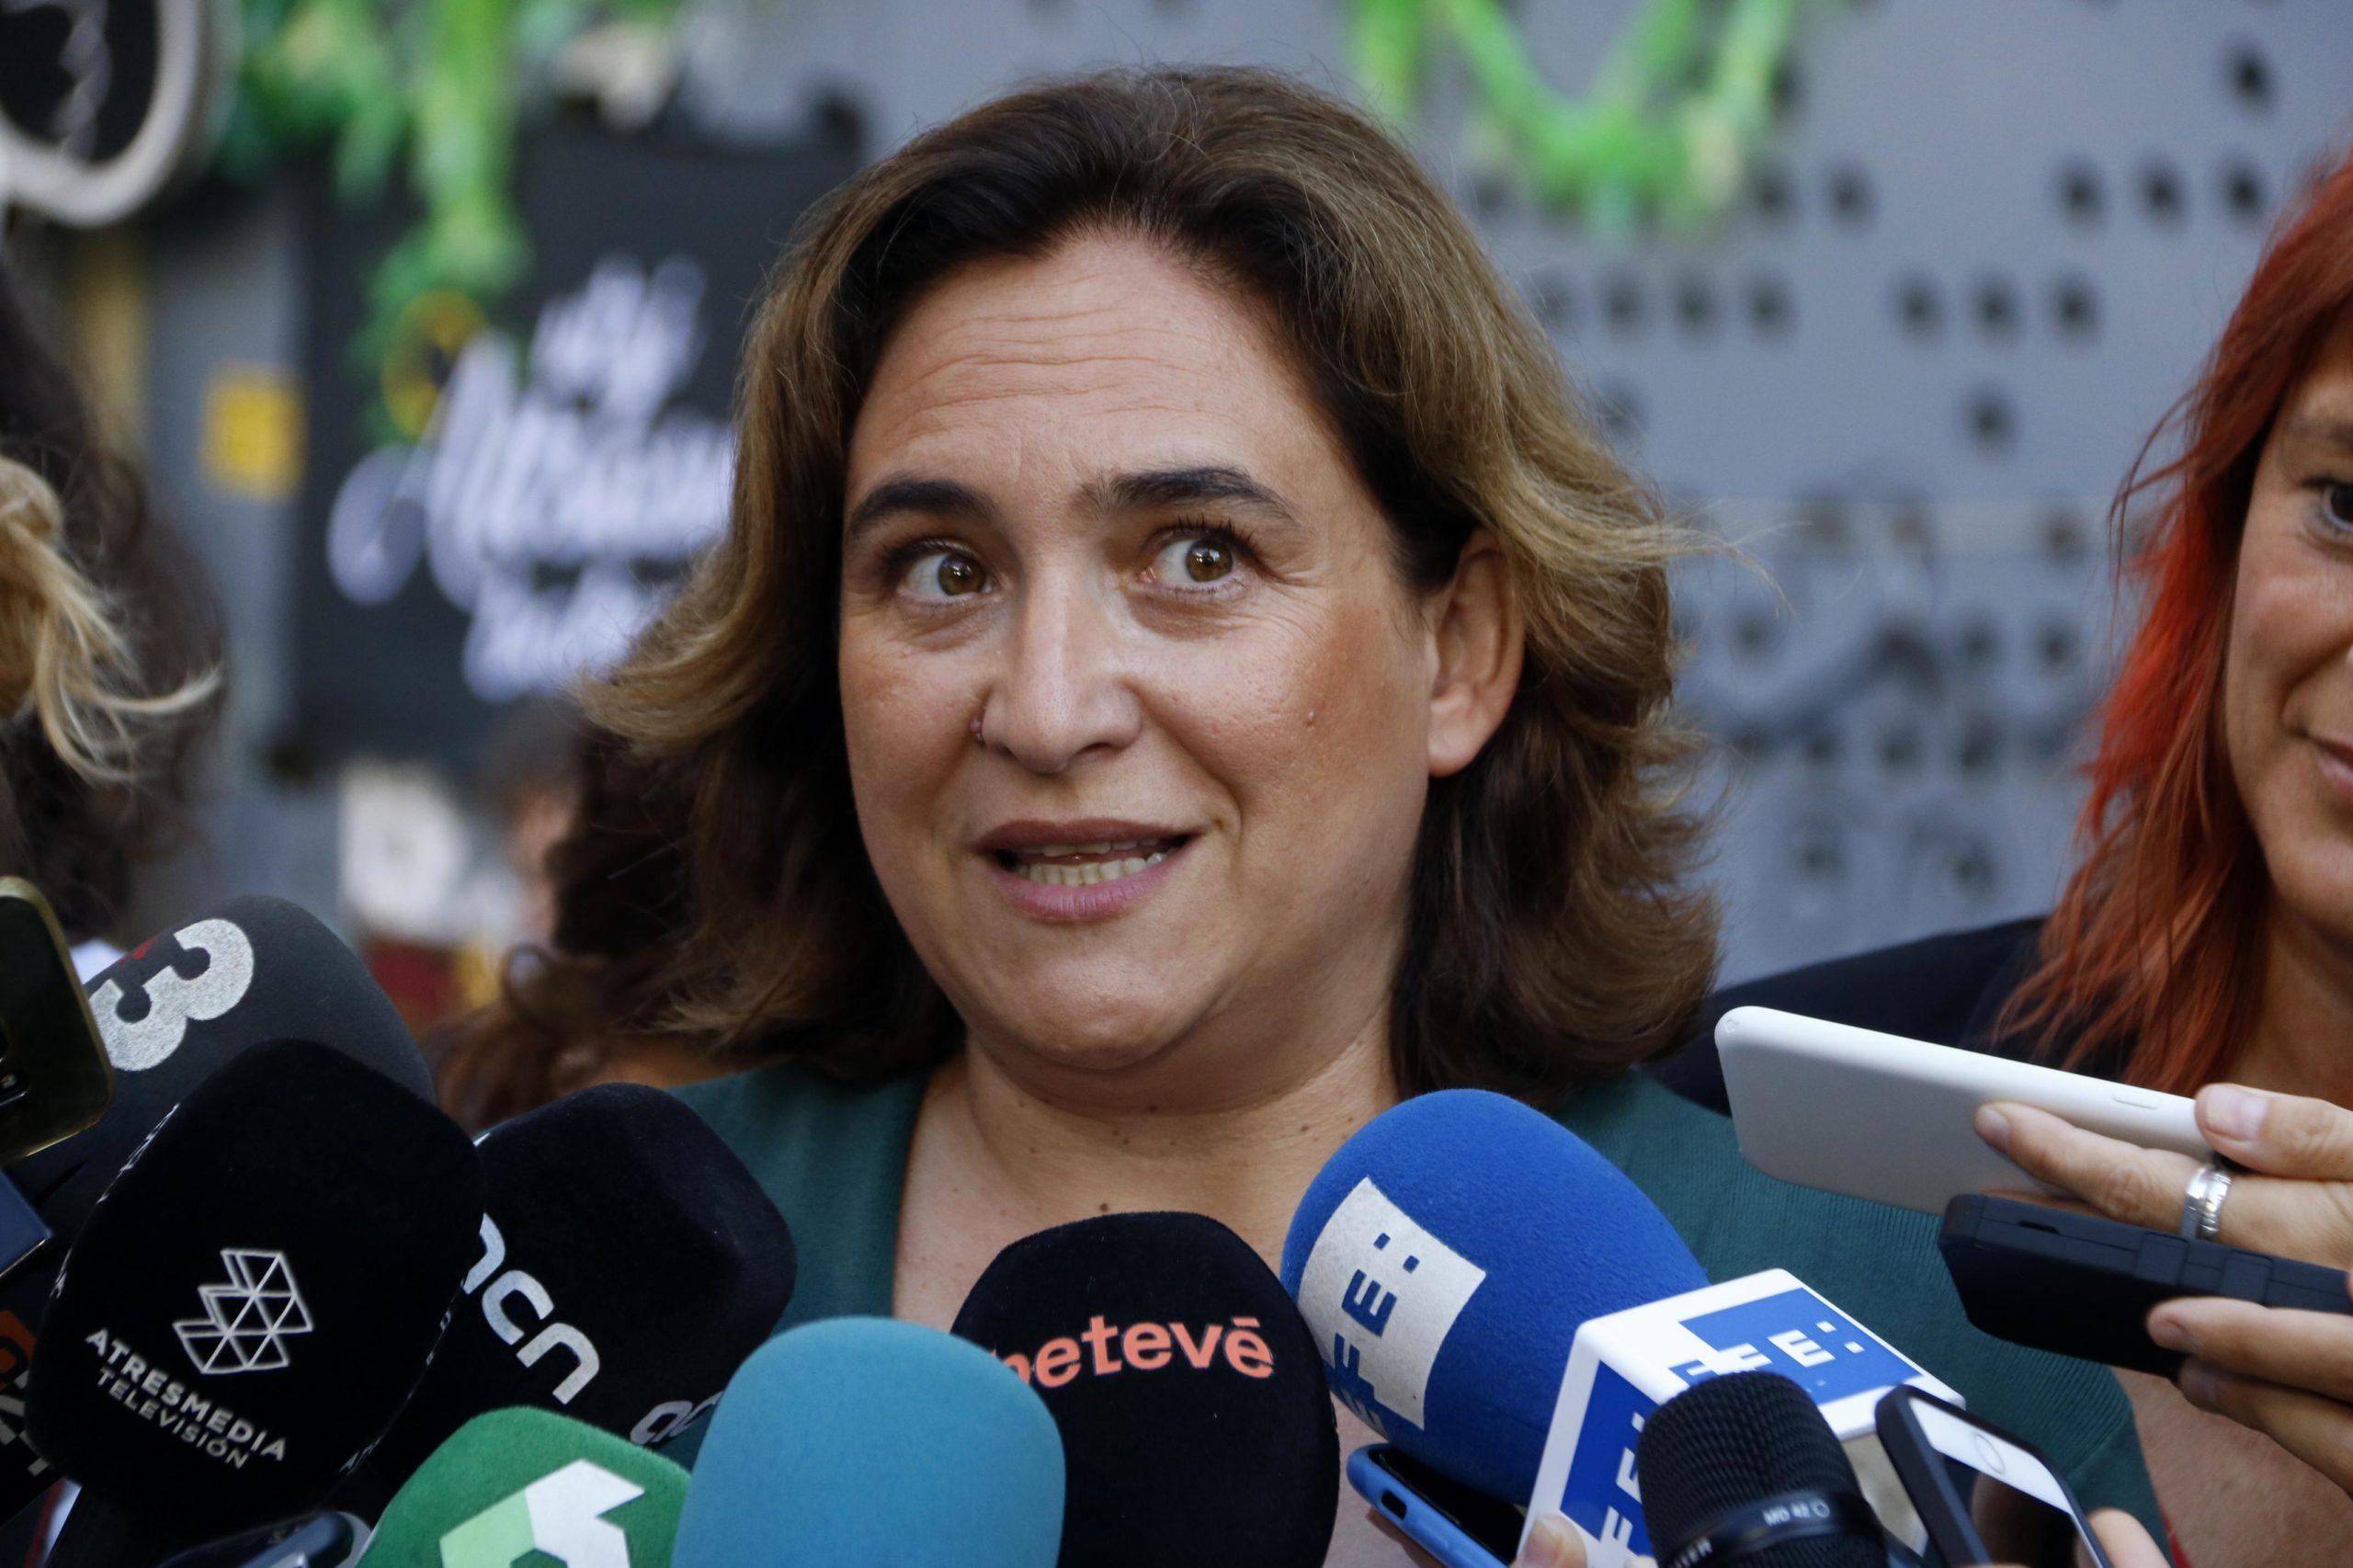 Ada Colau atén els mitjans de comunicació a les festes de Gràcia / ACN